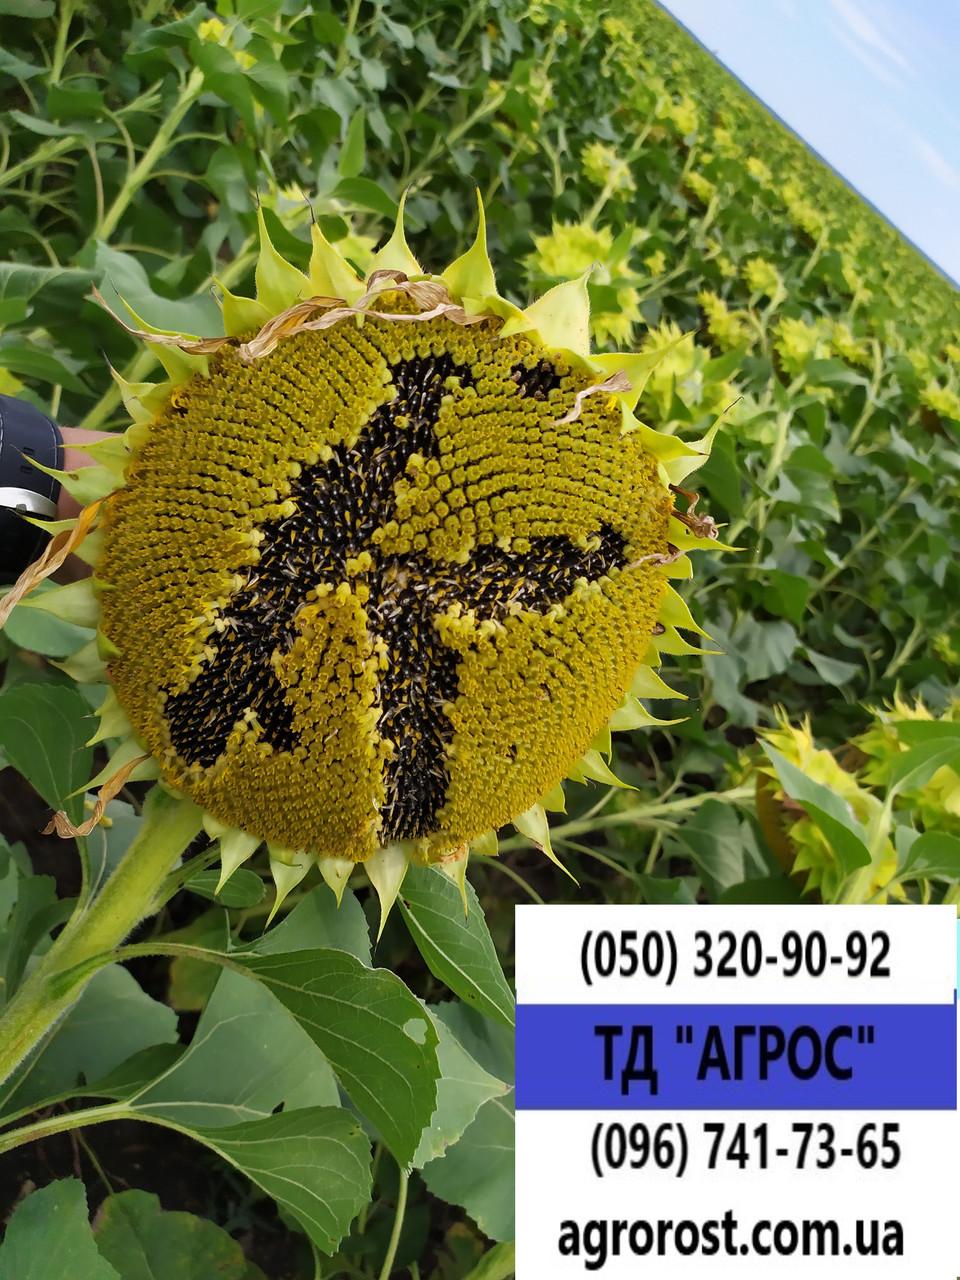 Насіння врожайного соняшника Кардінал 32 ц/га. Гібрид засухостійкий та витримує шість рас вовчка A-F.. Екстра